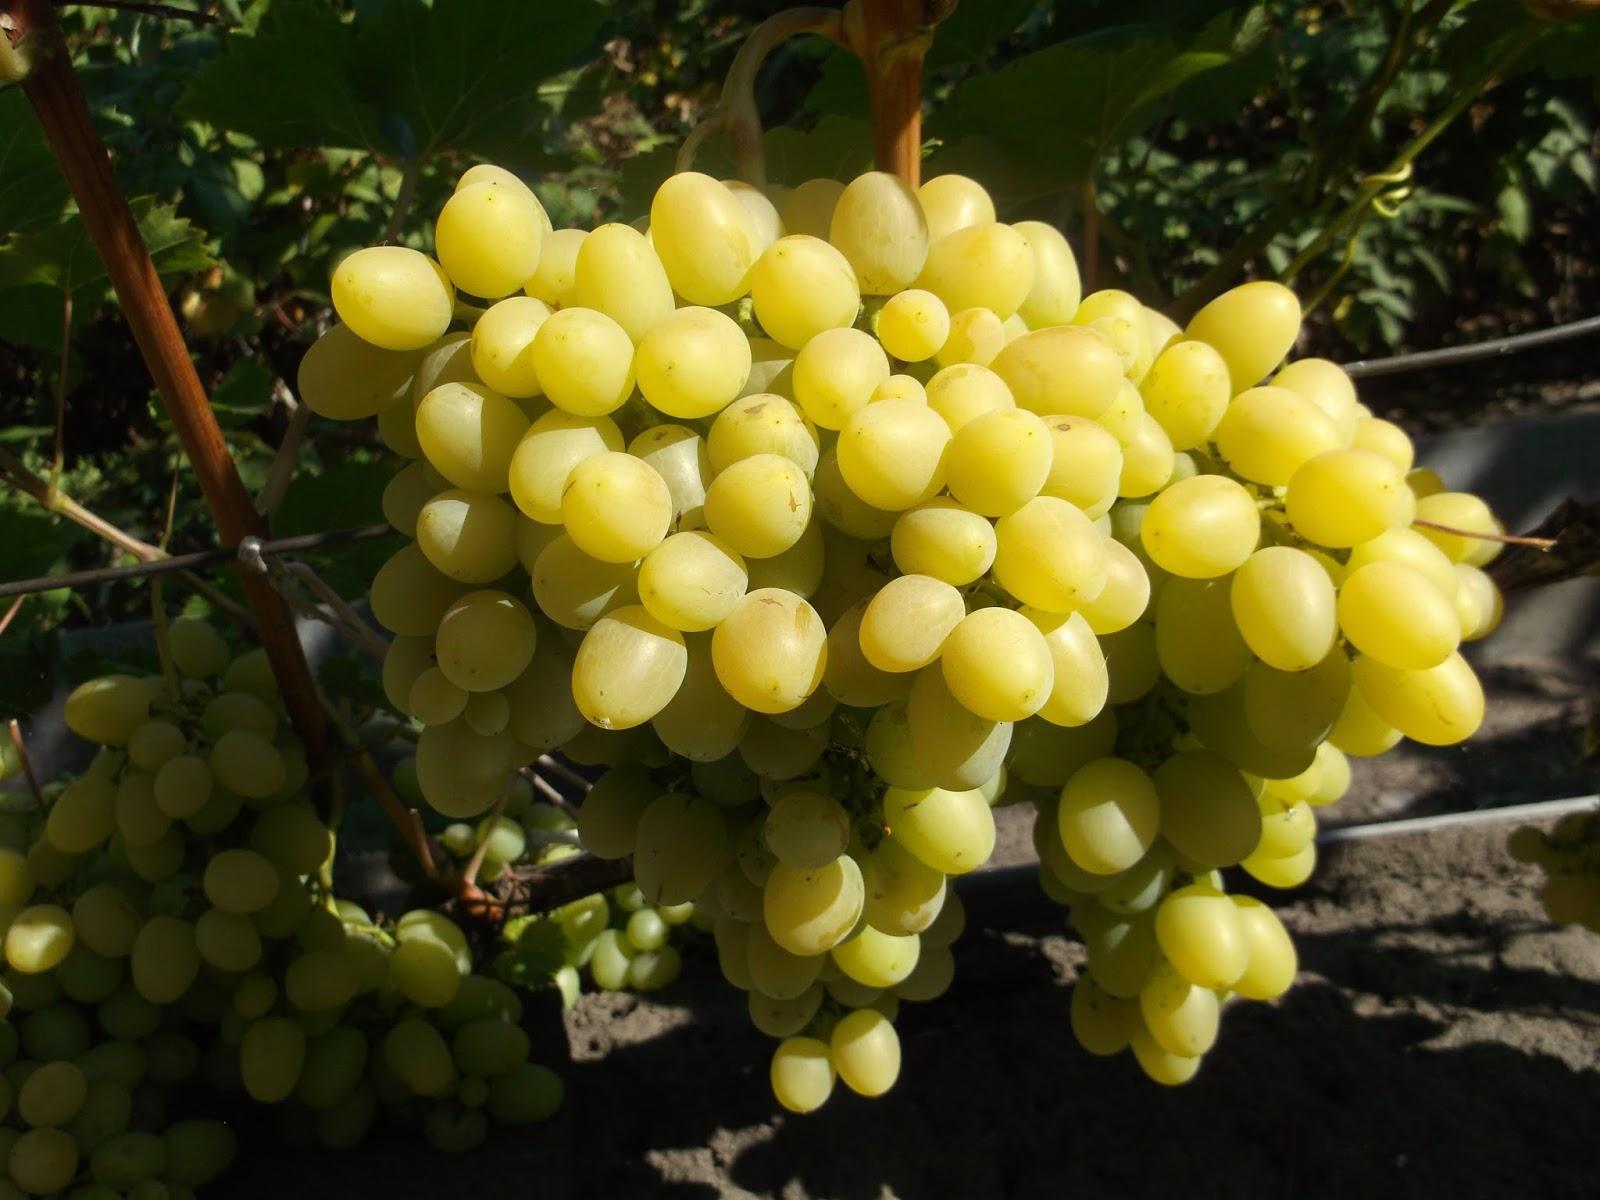 «хусайне белый» или «дамские пальчики» — что за виноград такой?